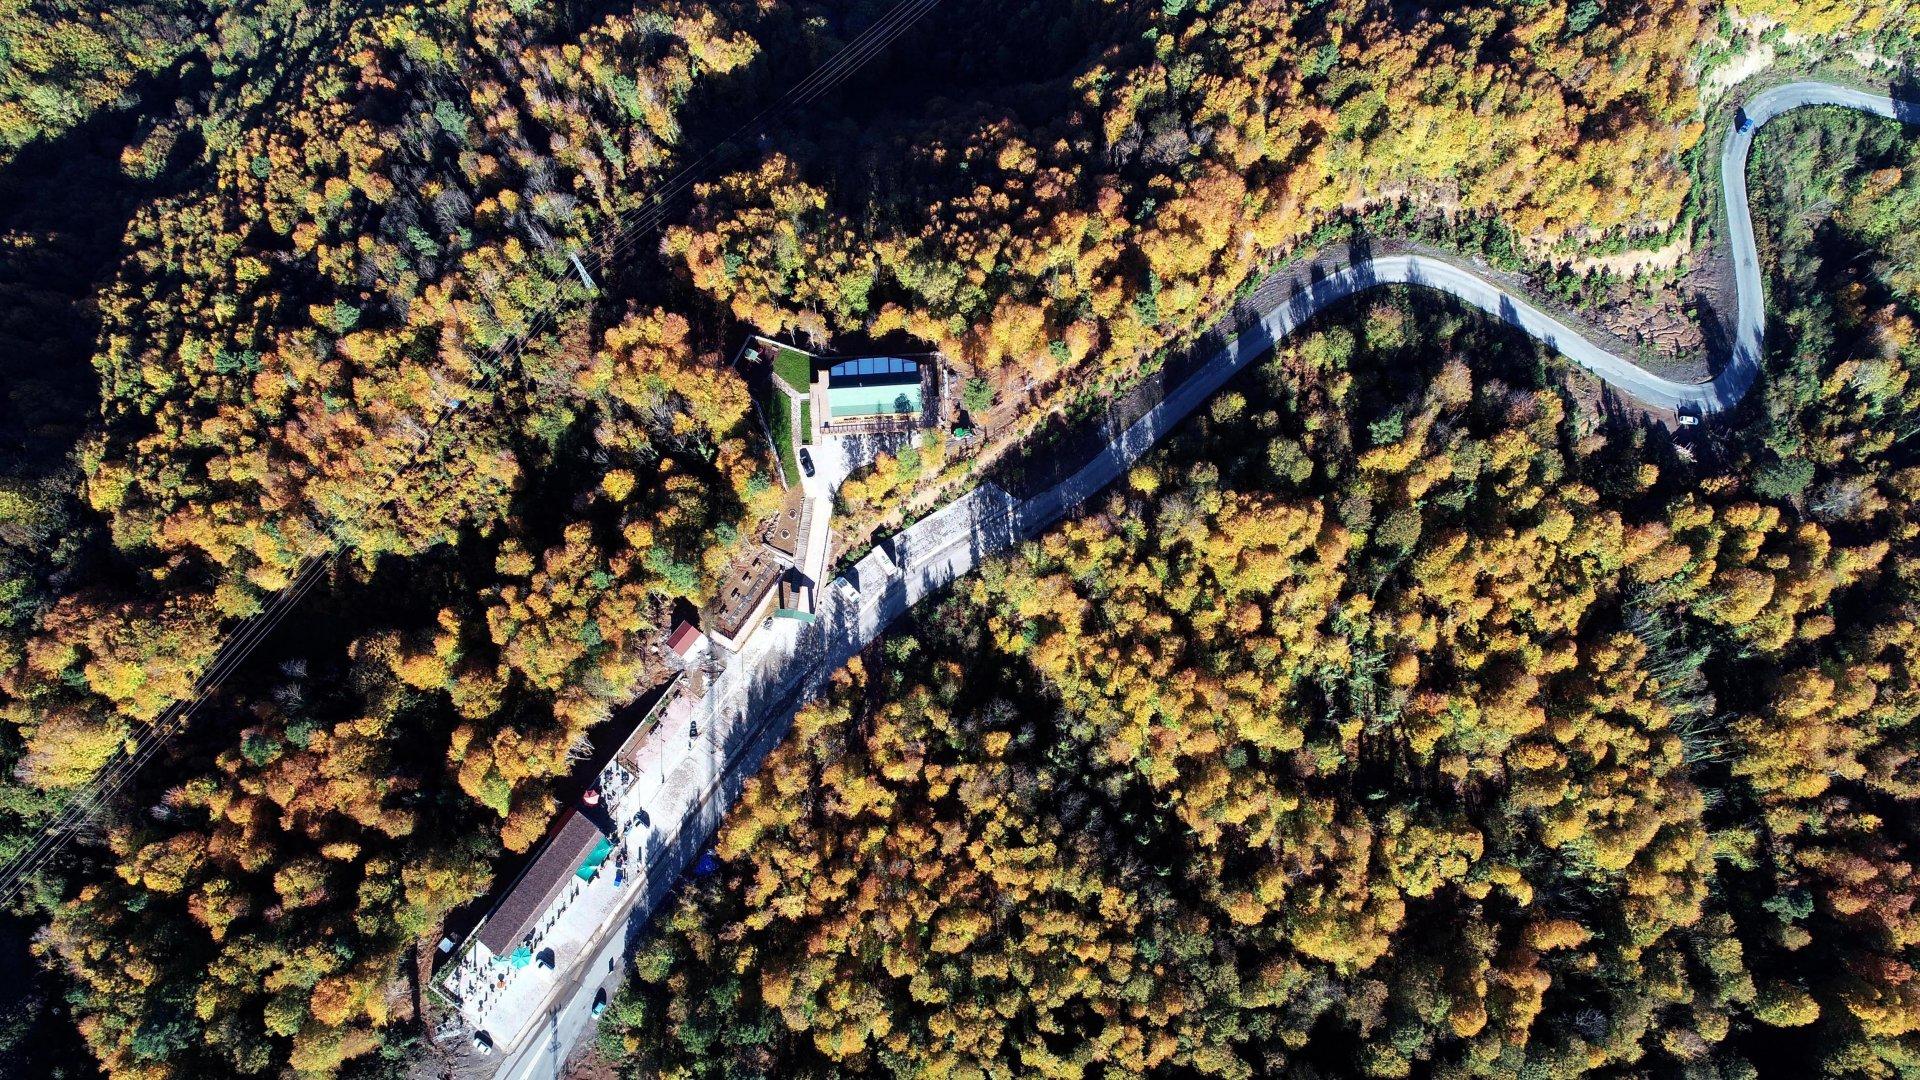 Zonguldak ormanları sonbaharda renk çümbüşüne sahne oldu